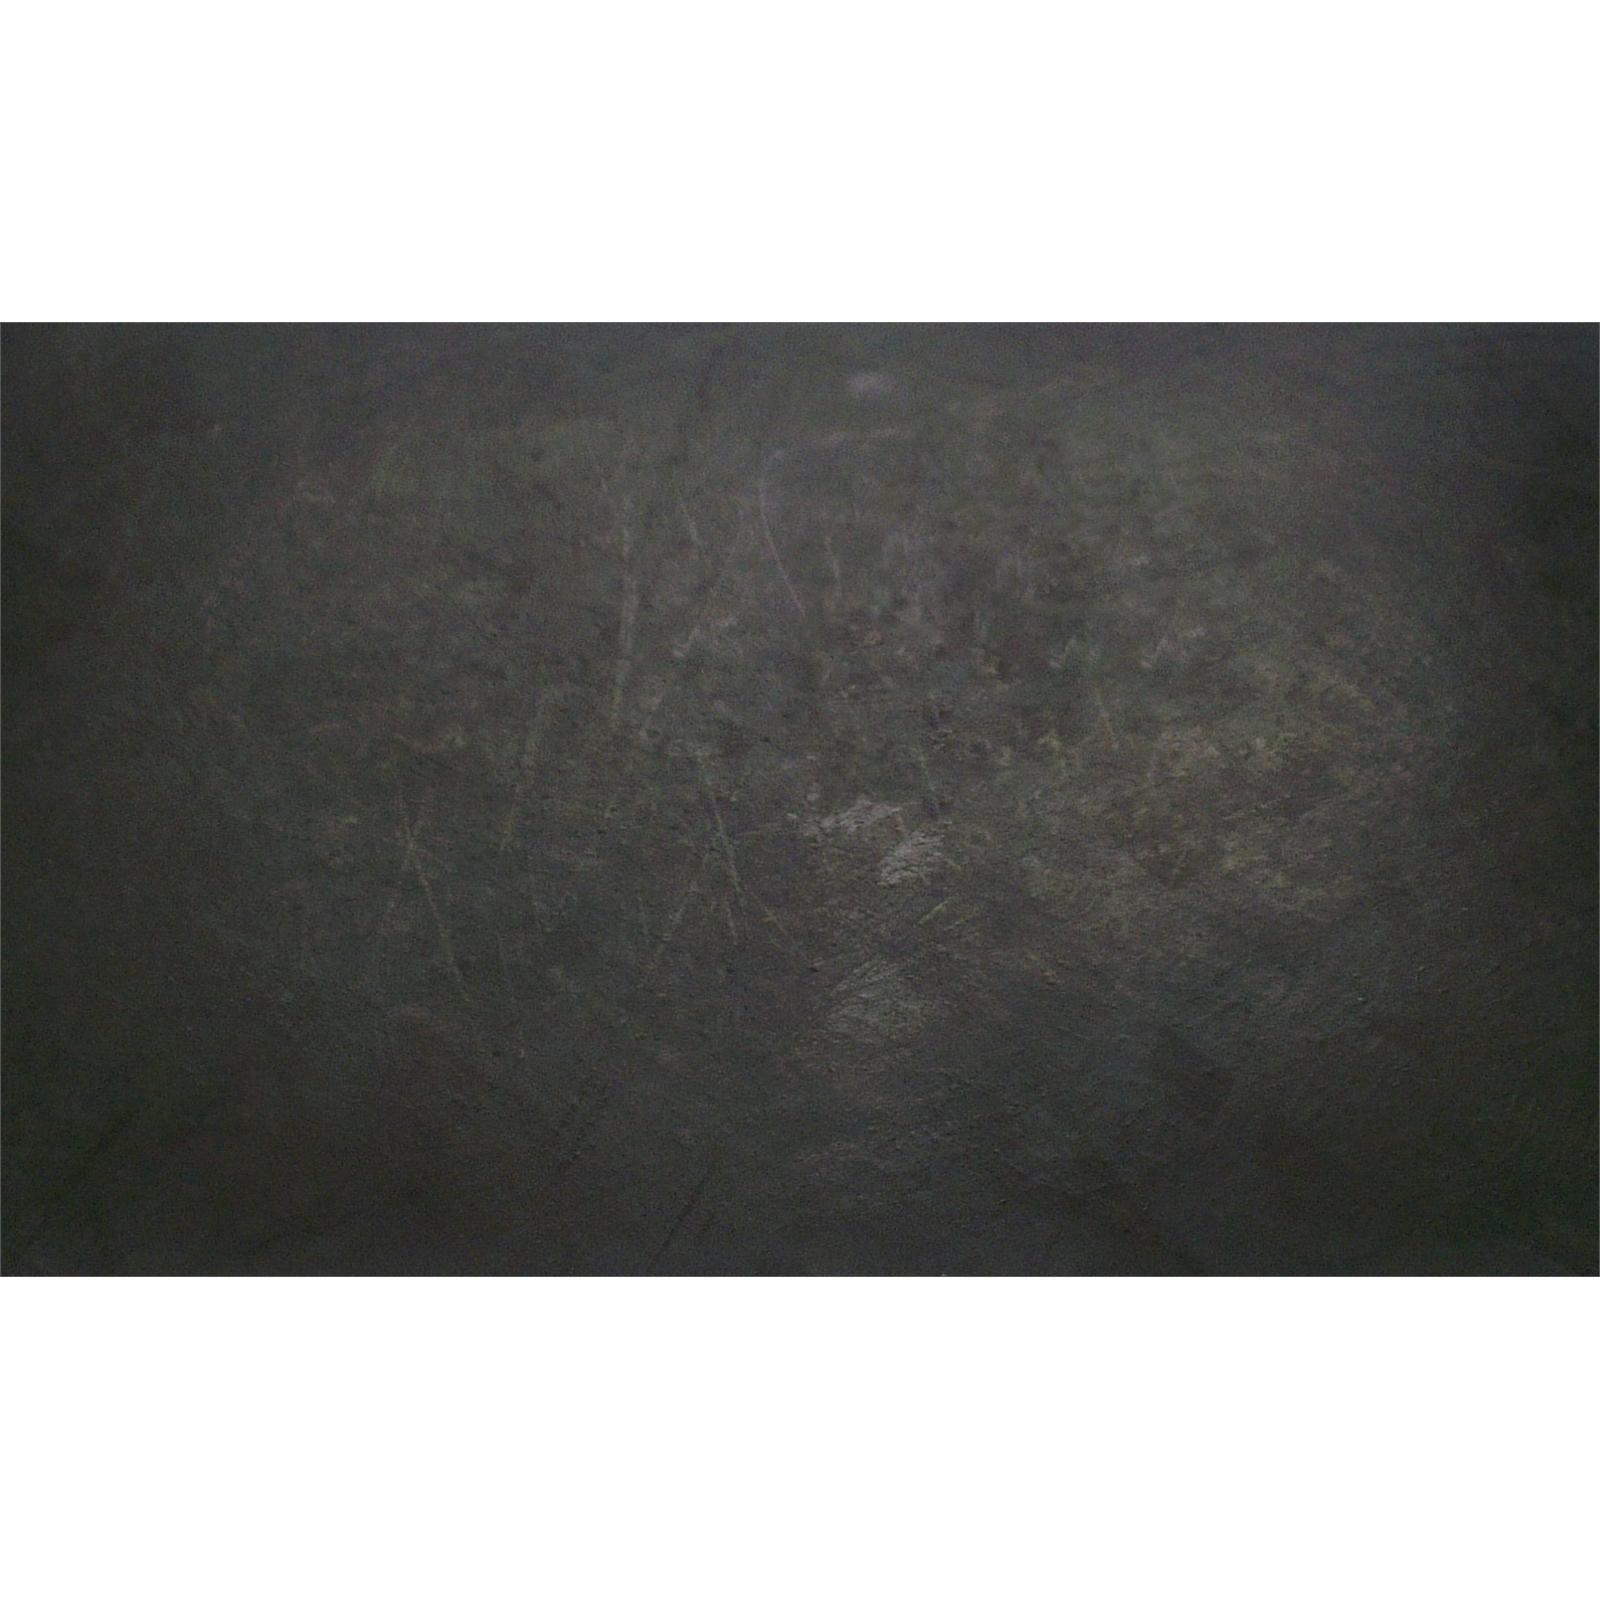 Ideal 1m Black Flat Surface Rubber Matting Sheet